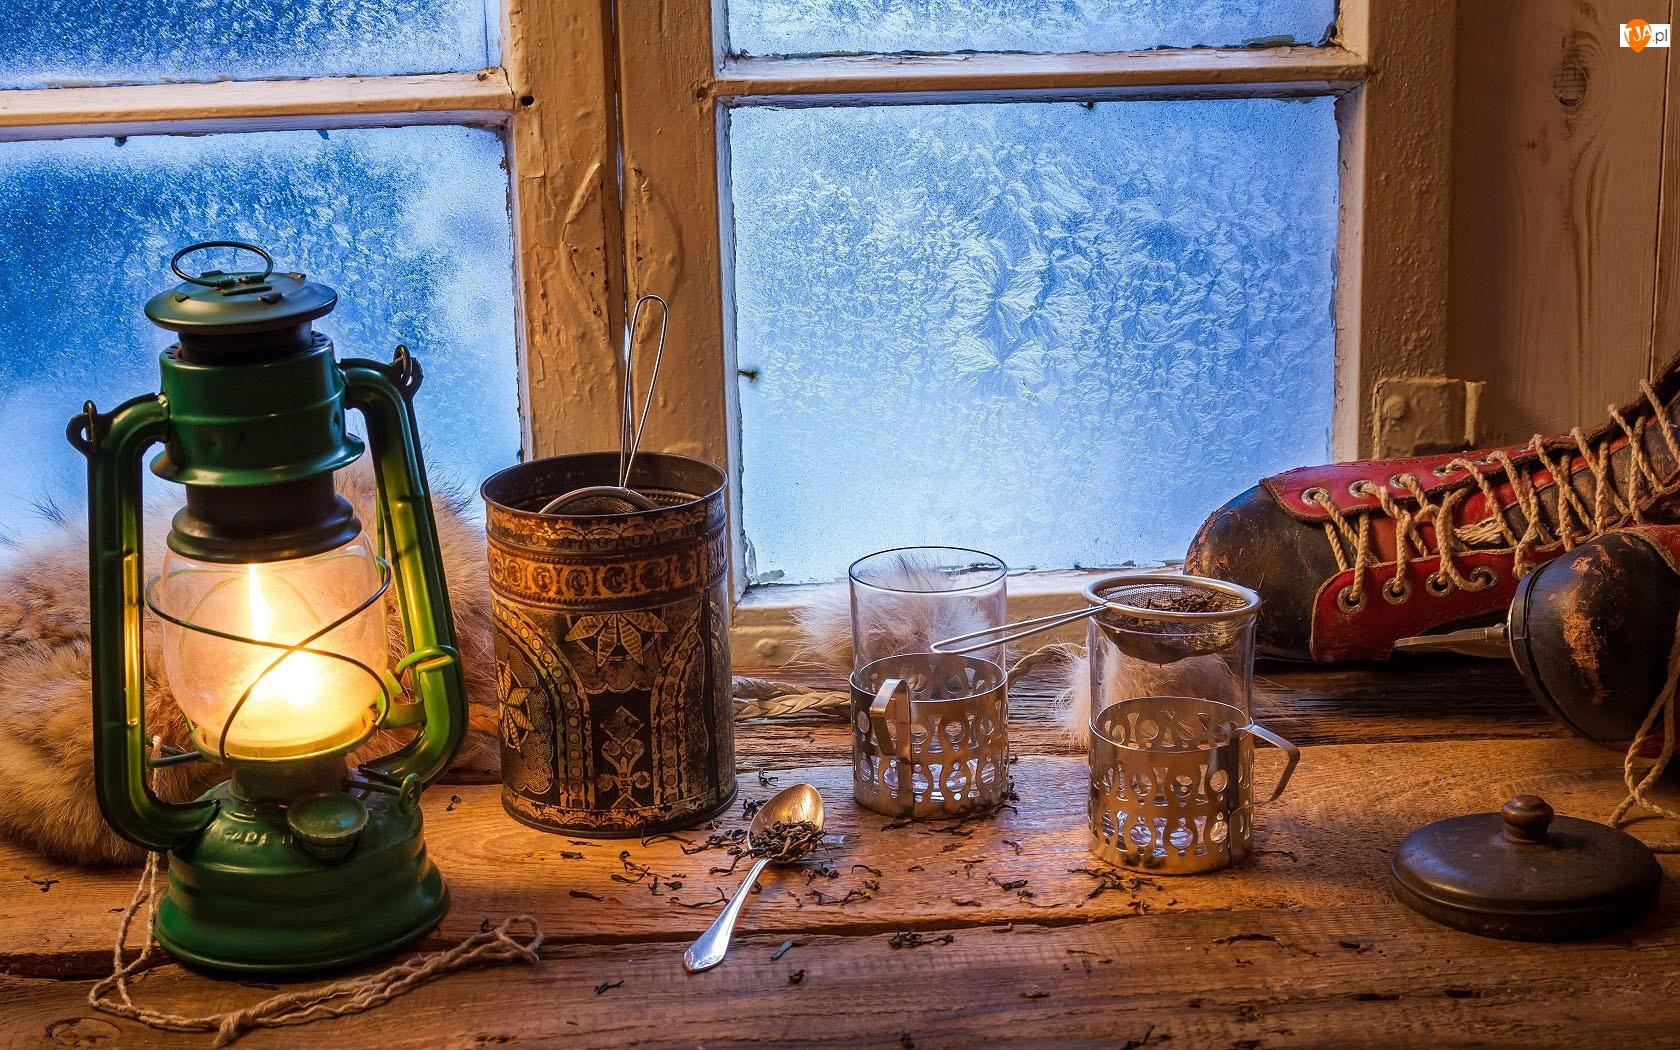 Szklanki, Mróz, Lampa, Kompozycja, Łyżwa, Okno, Herbata